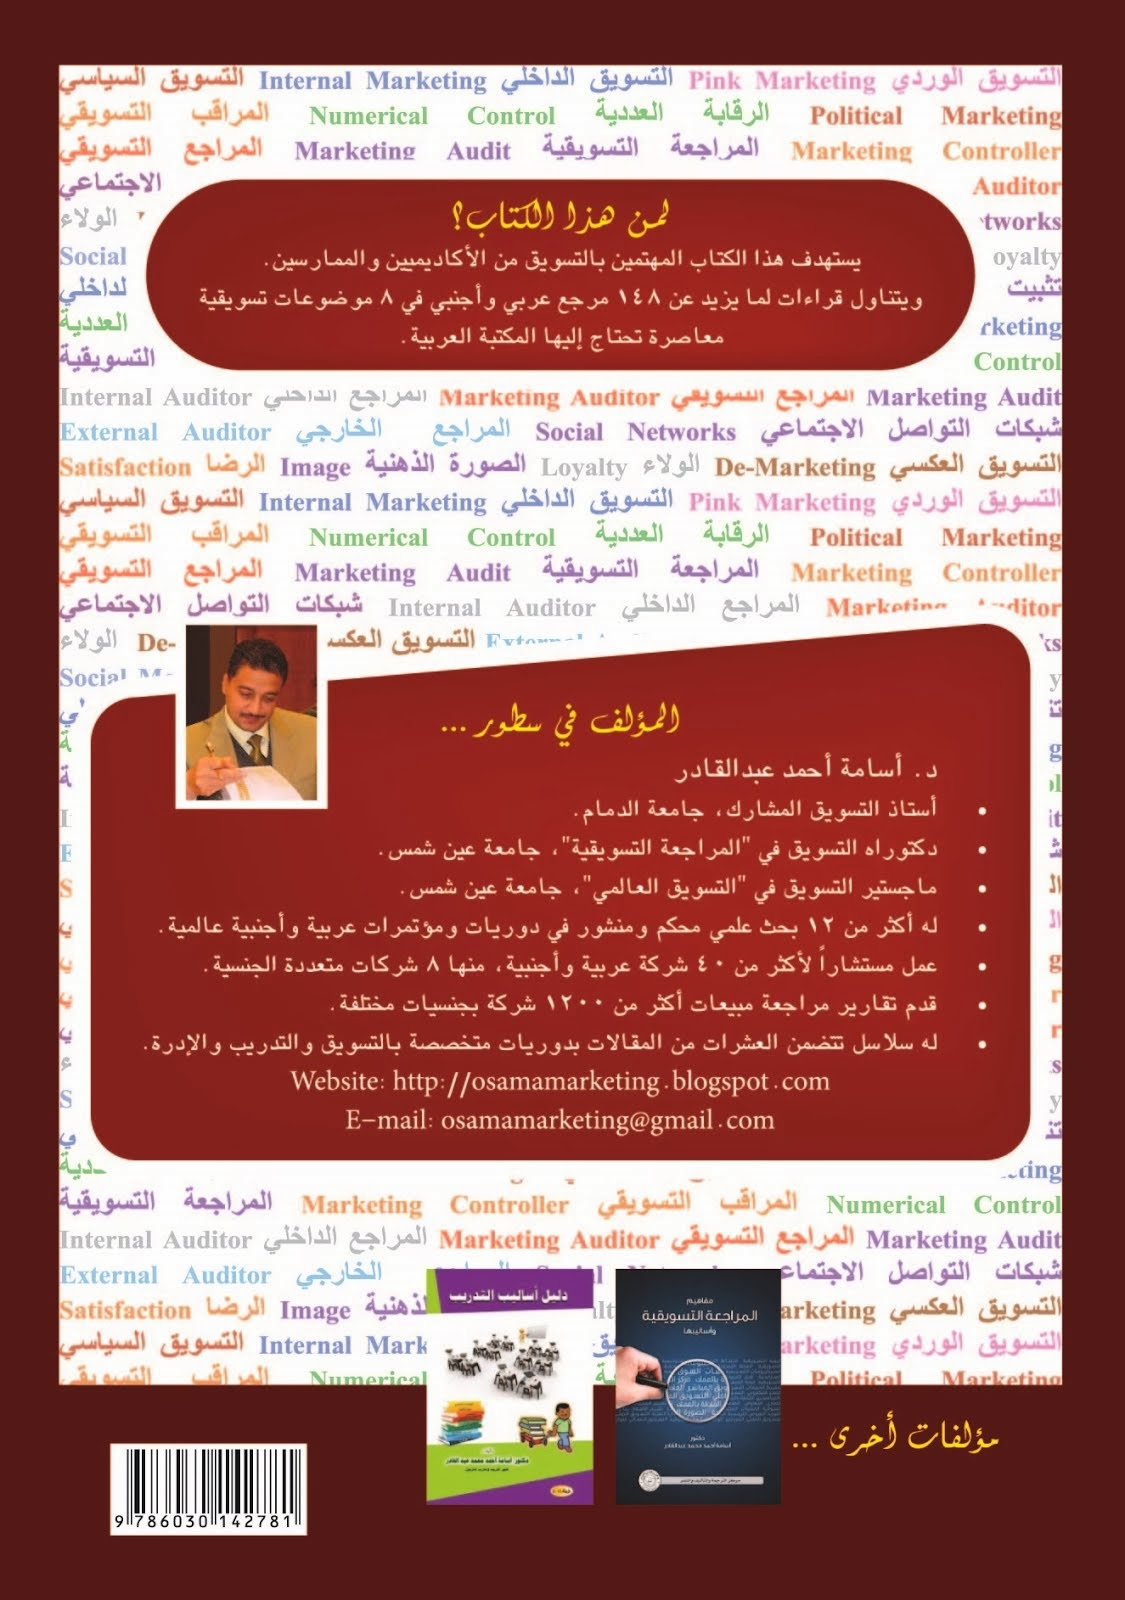 تعرف على 8 موضوعات معاصرة بأكثر من 146 مرجع عربي وأجنبي